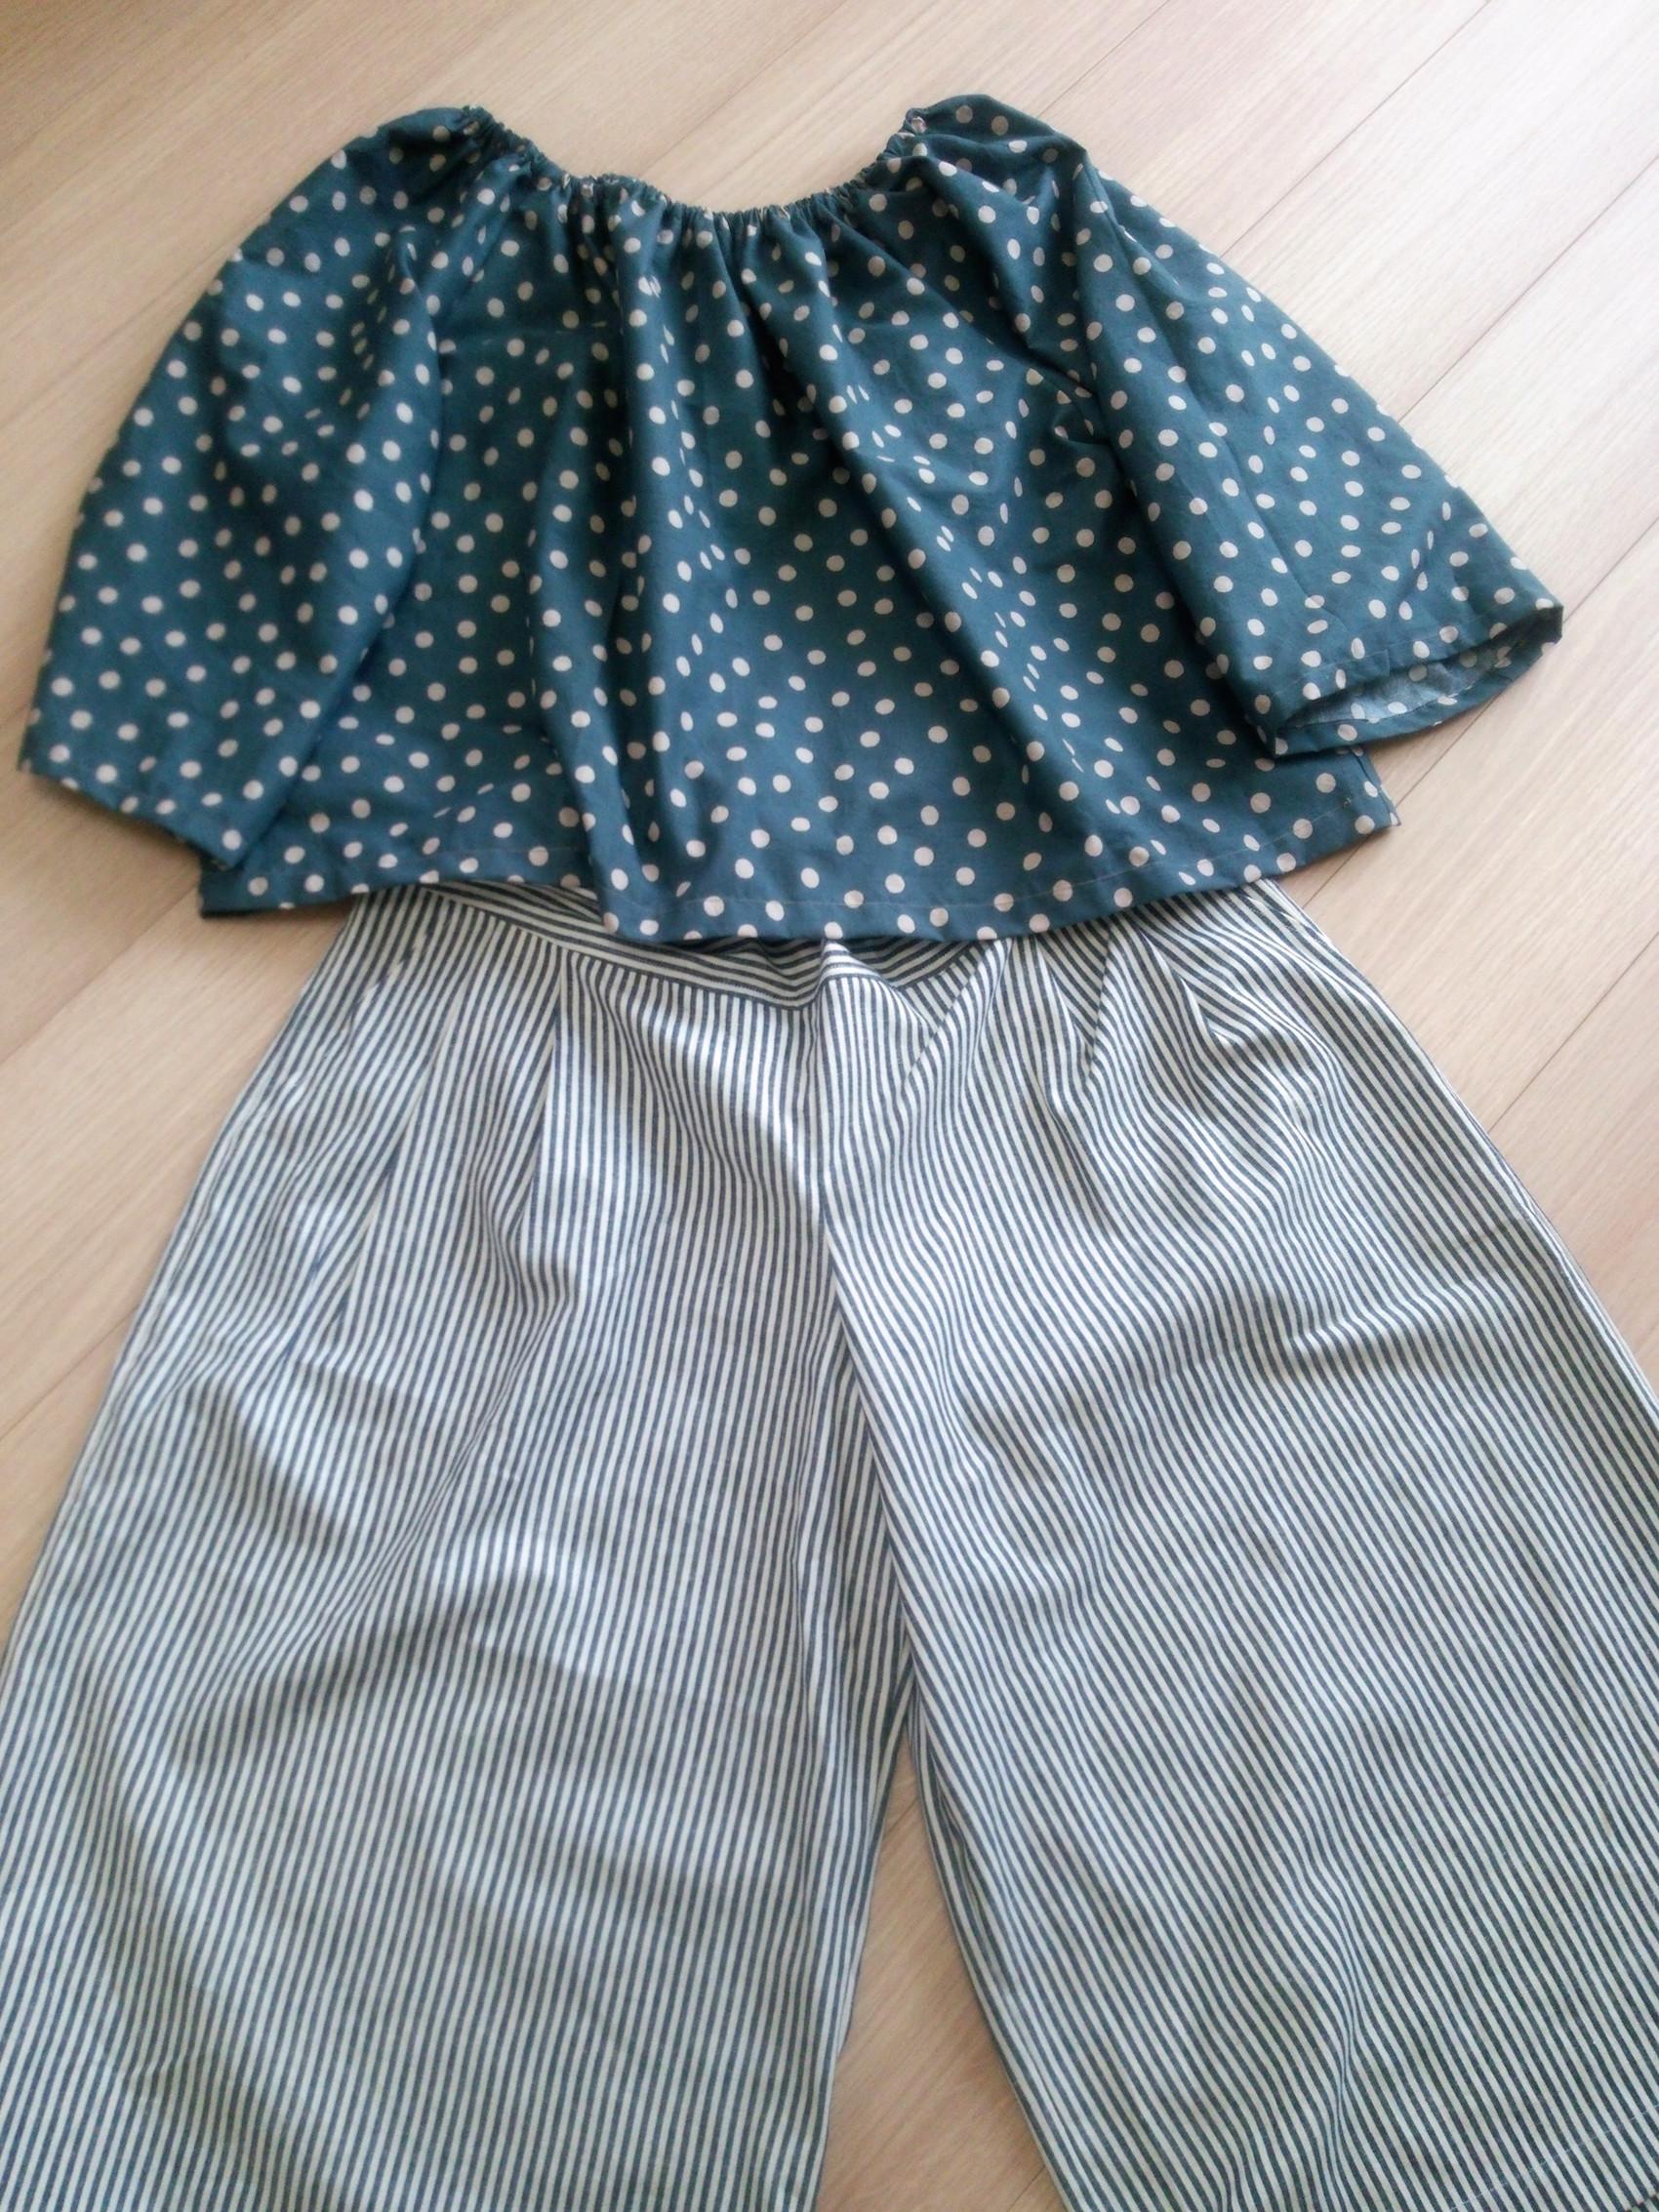 60代、70代のお母様へのプレゼントにも。リネンキュロットスカート。春色のナチュラルカラーも素敵ですね。